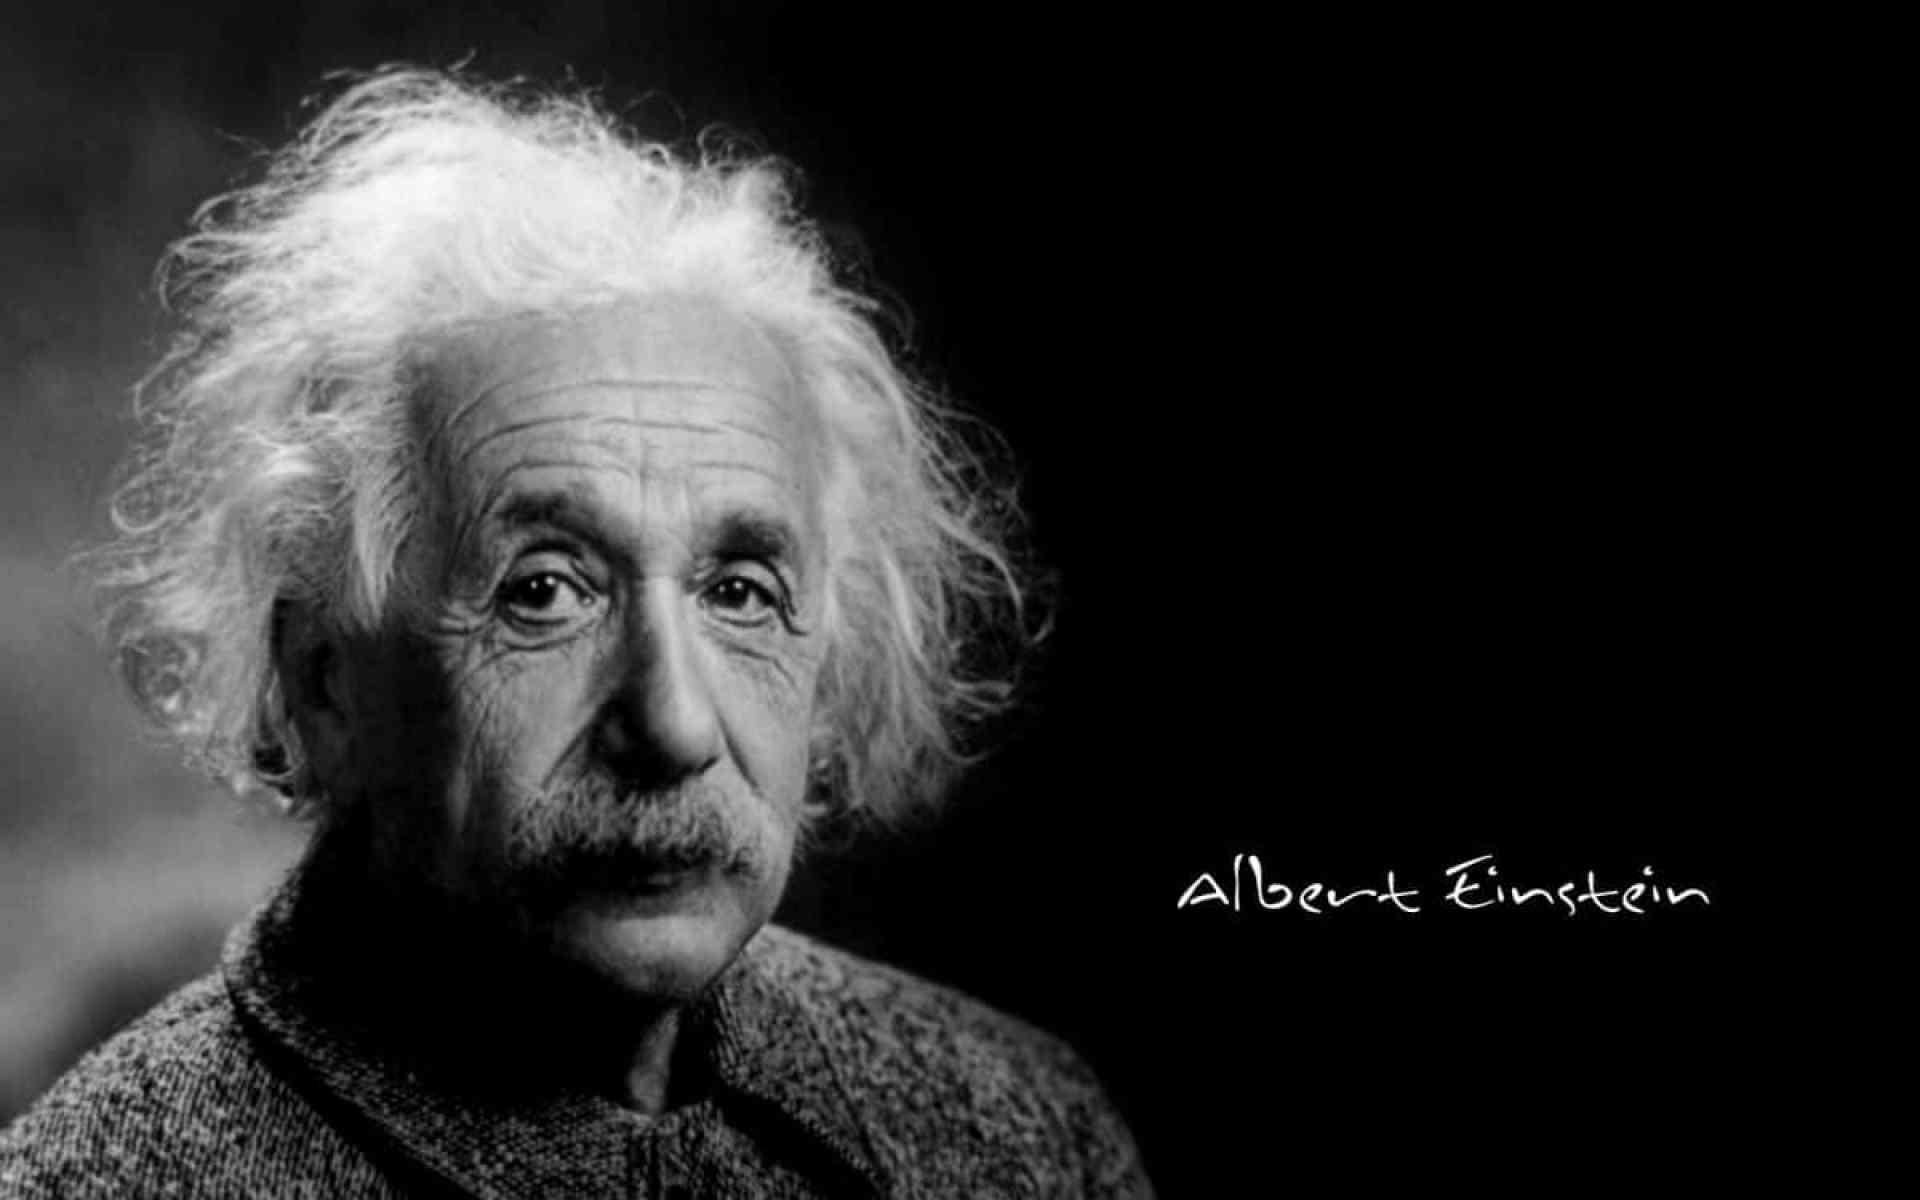 La ecuación de vida y muerte de Albert Einstein